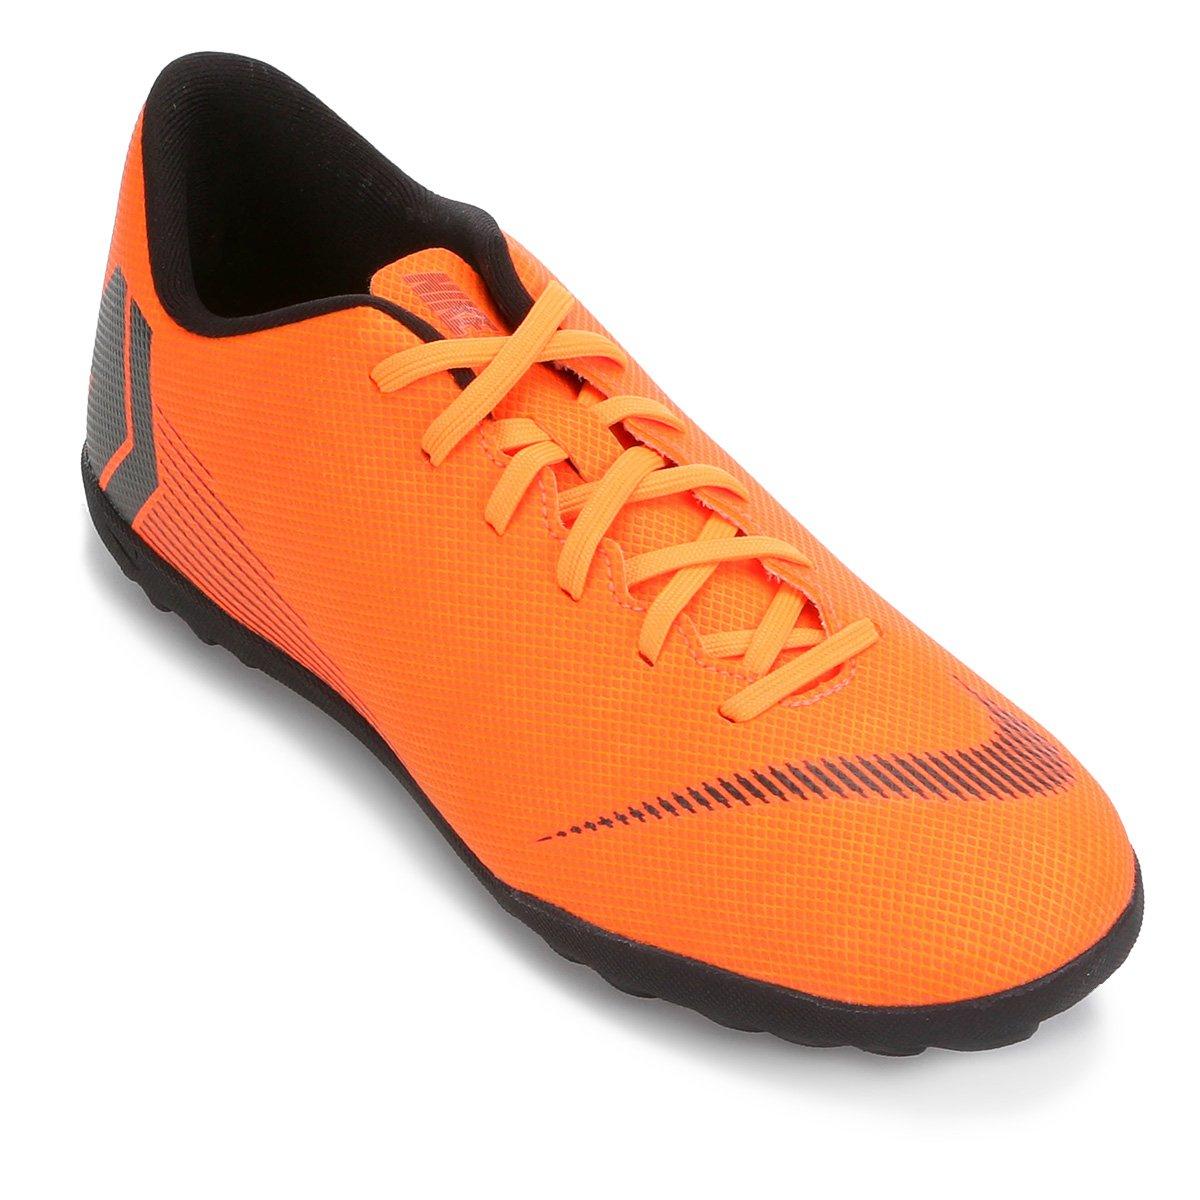 735478fbc396f Chuteira Society Nike Mercurial Vapor 12 Club - Laranja e Preto - Compre  Agora